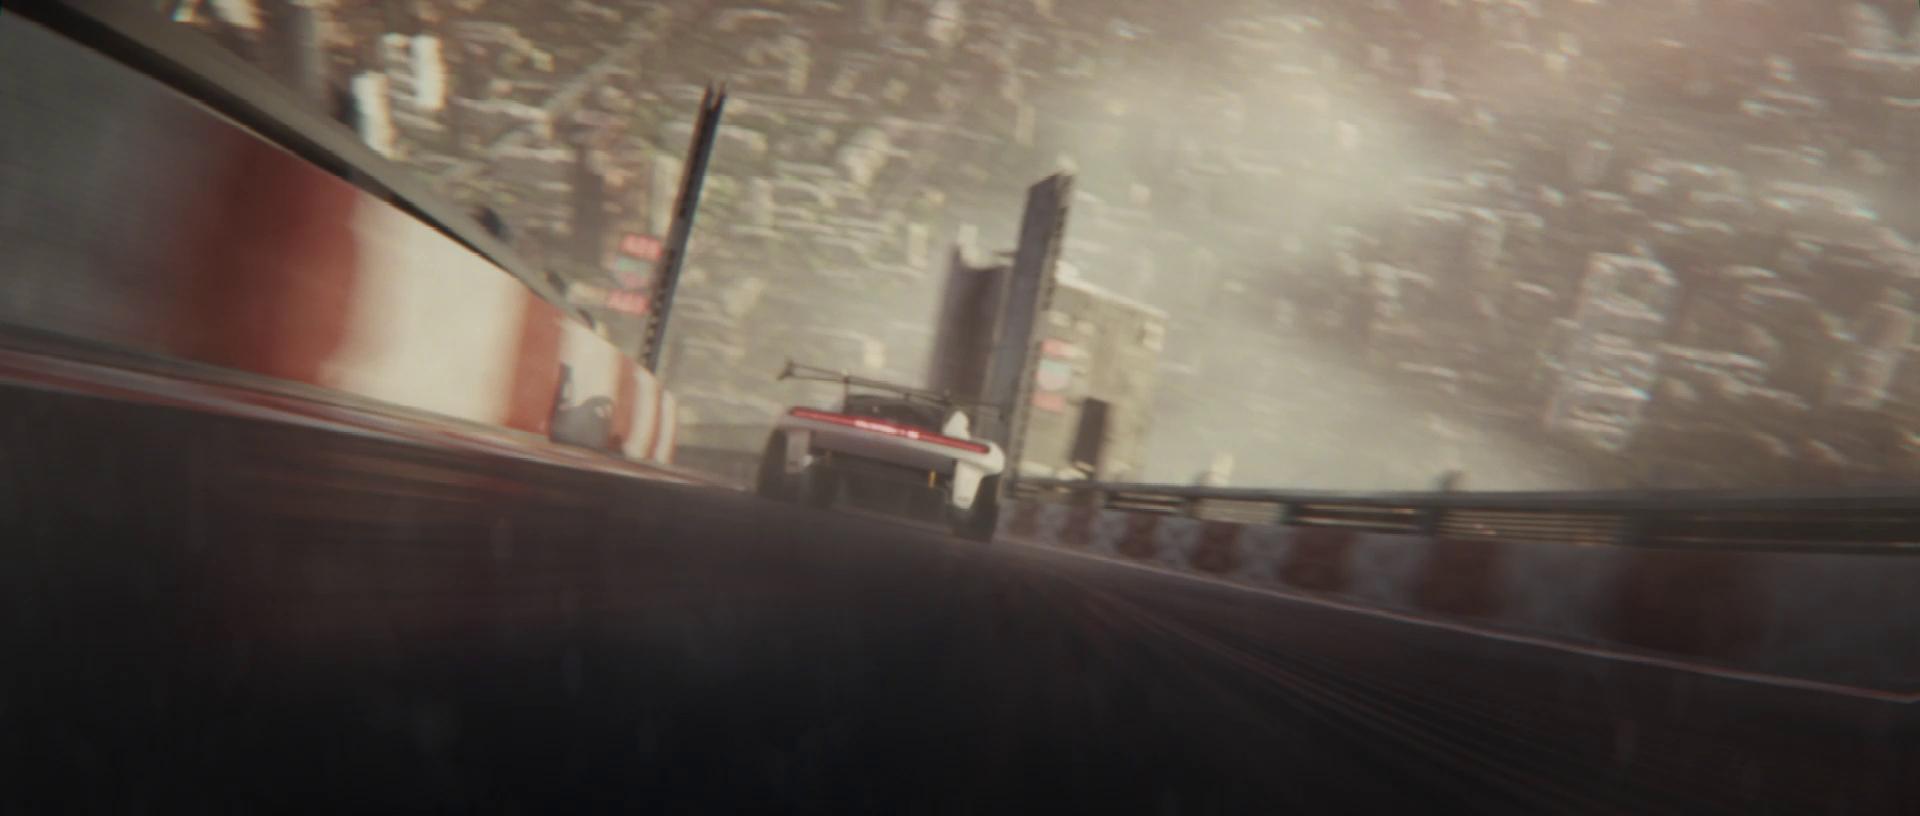 Porsche_mission_R__0000_Layer 33